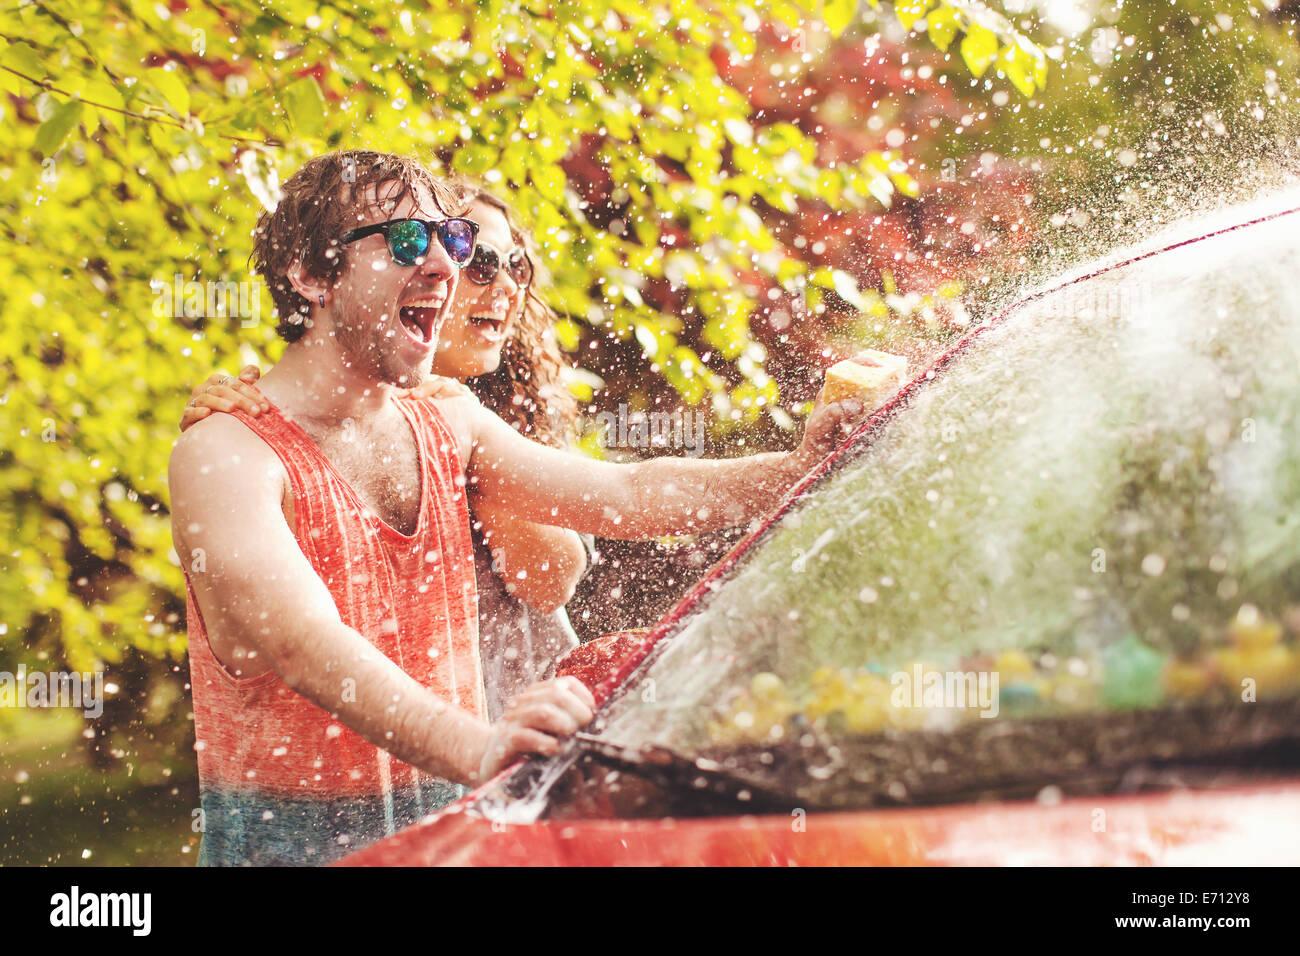 Coppia giovane il lavaggio auto Immagini Stock